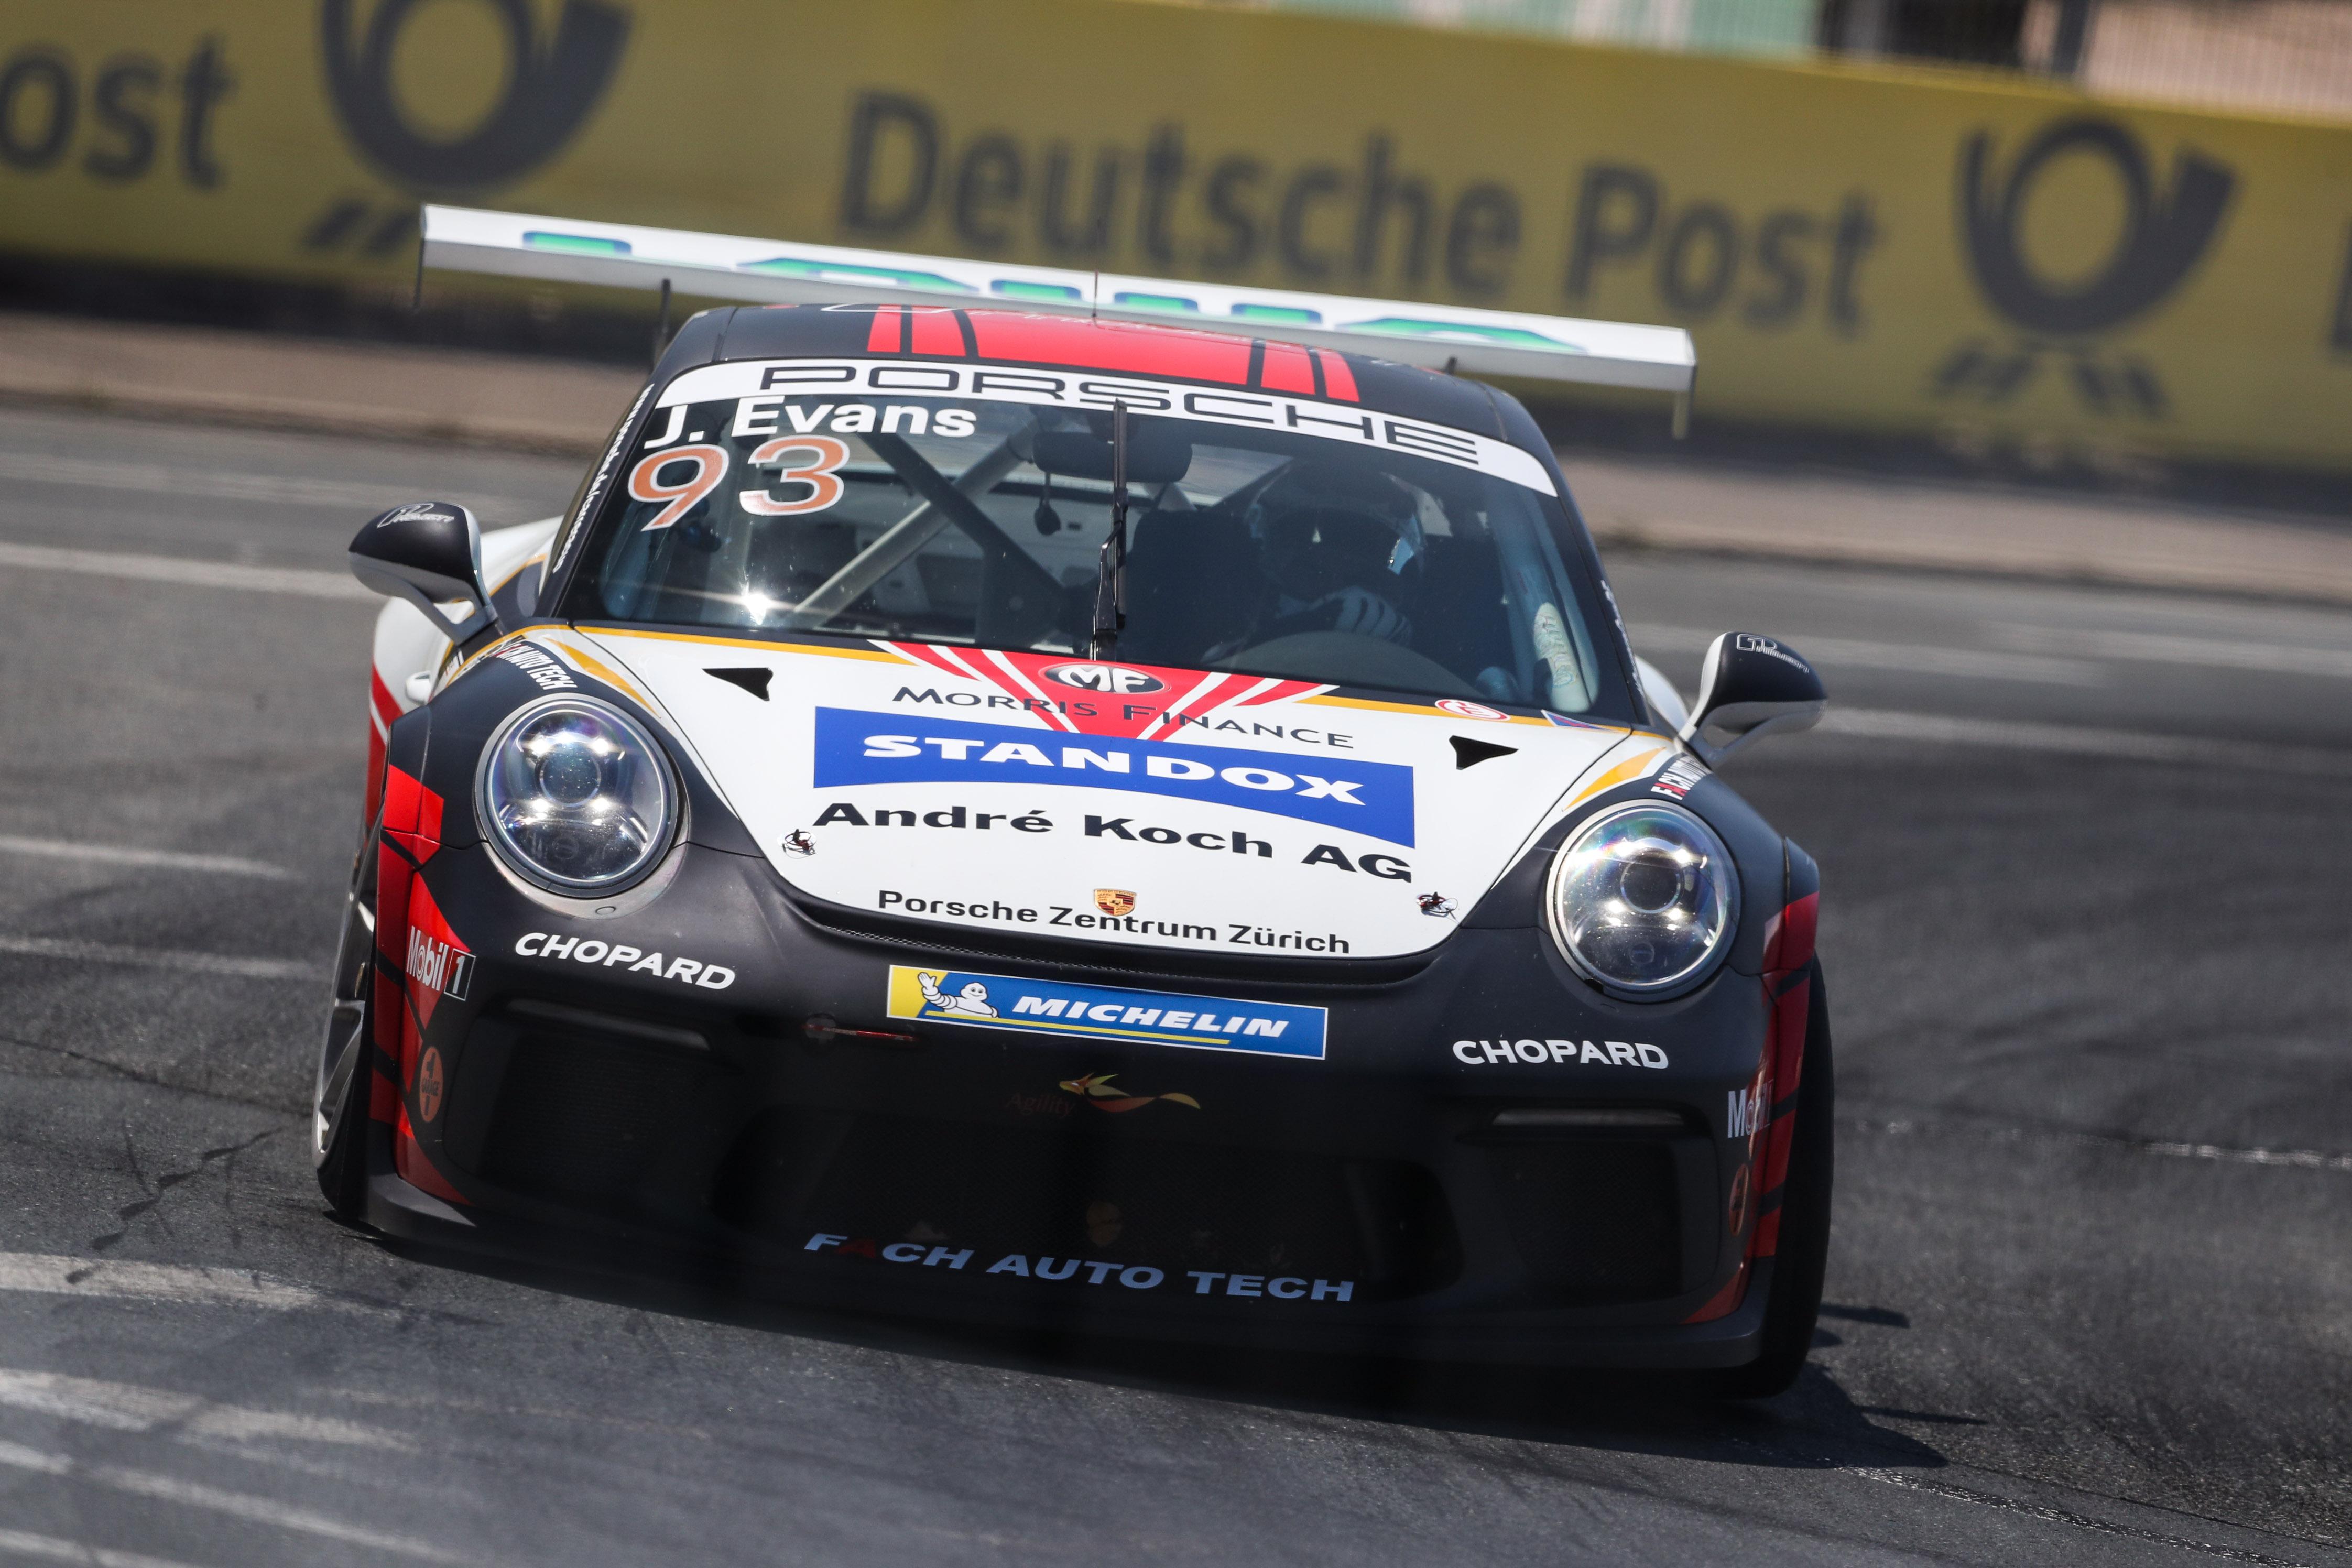 Porsche Carrera Cup Deutschland, 7. + 8. Lauf Norisring 2019 - Foto: Gruppe C Photography; #93 Porsche 911 GT3 Cup, Team Project 1 - JBR: Jaxon Evans